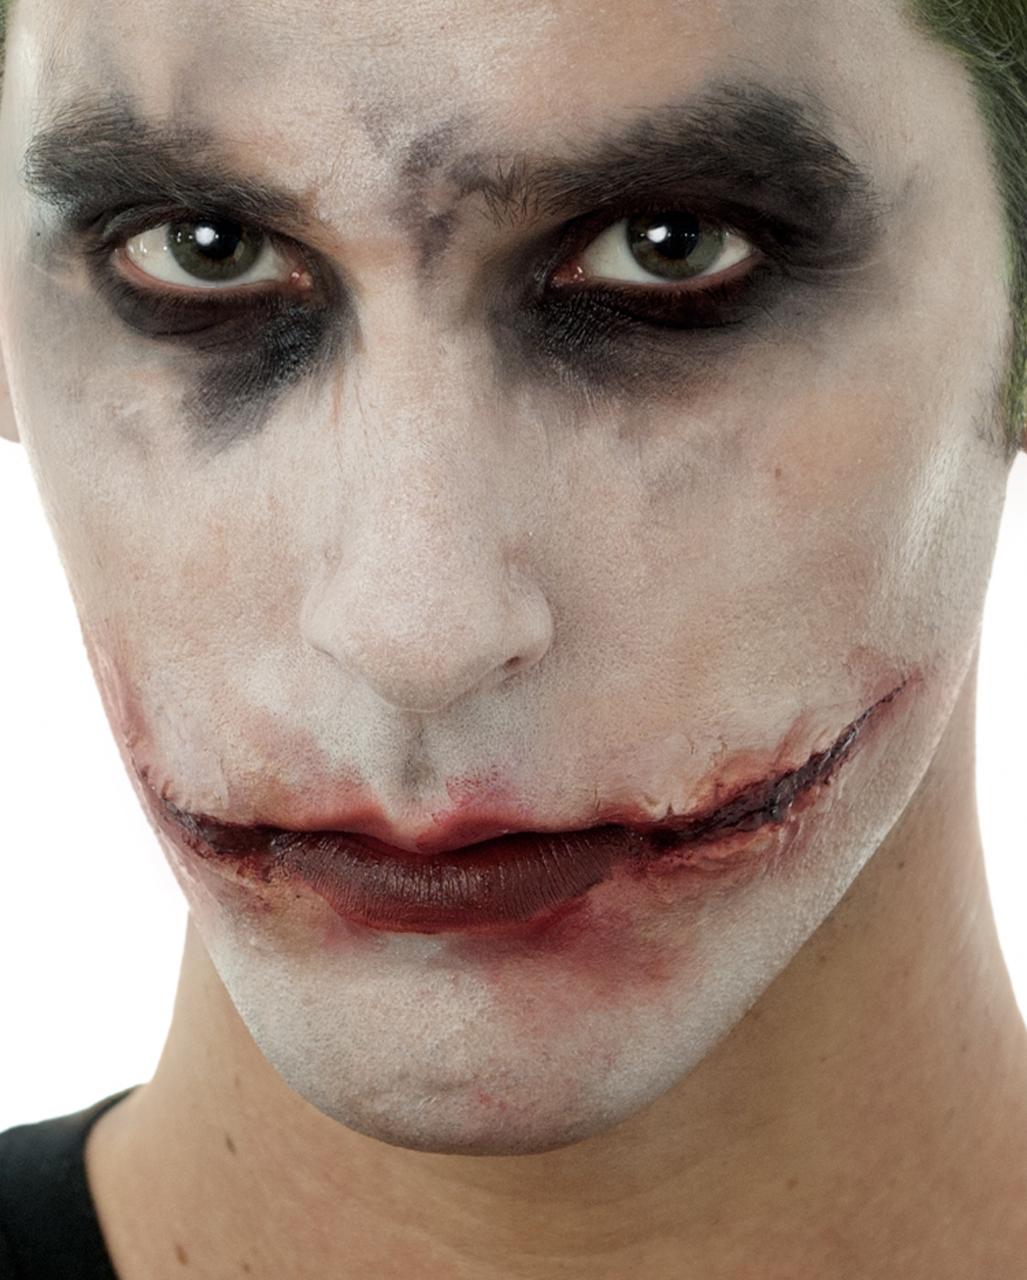 Narben Schminken Wie.Joker Narben Aus Latex Joker Make Up Schminken Horror Shop Com